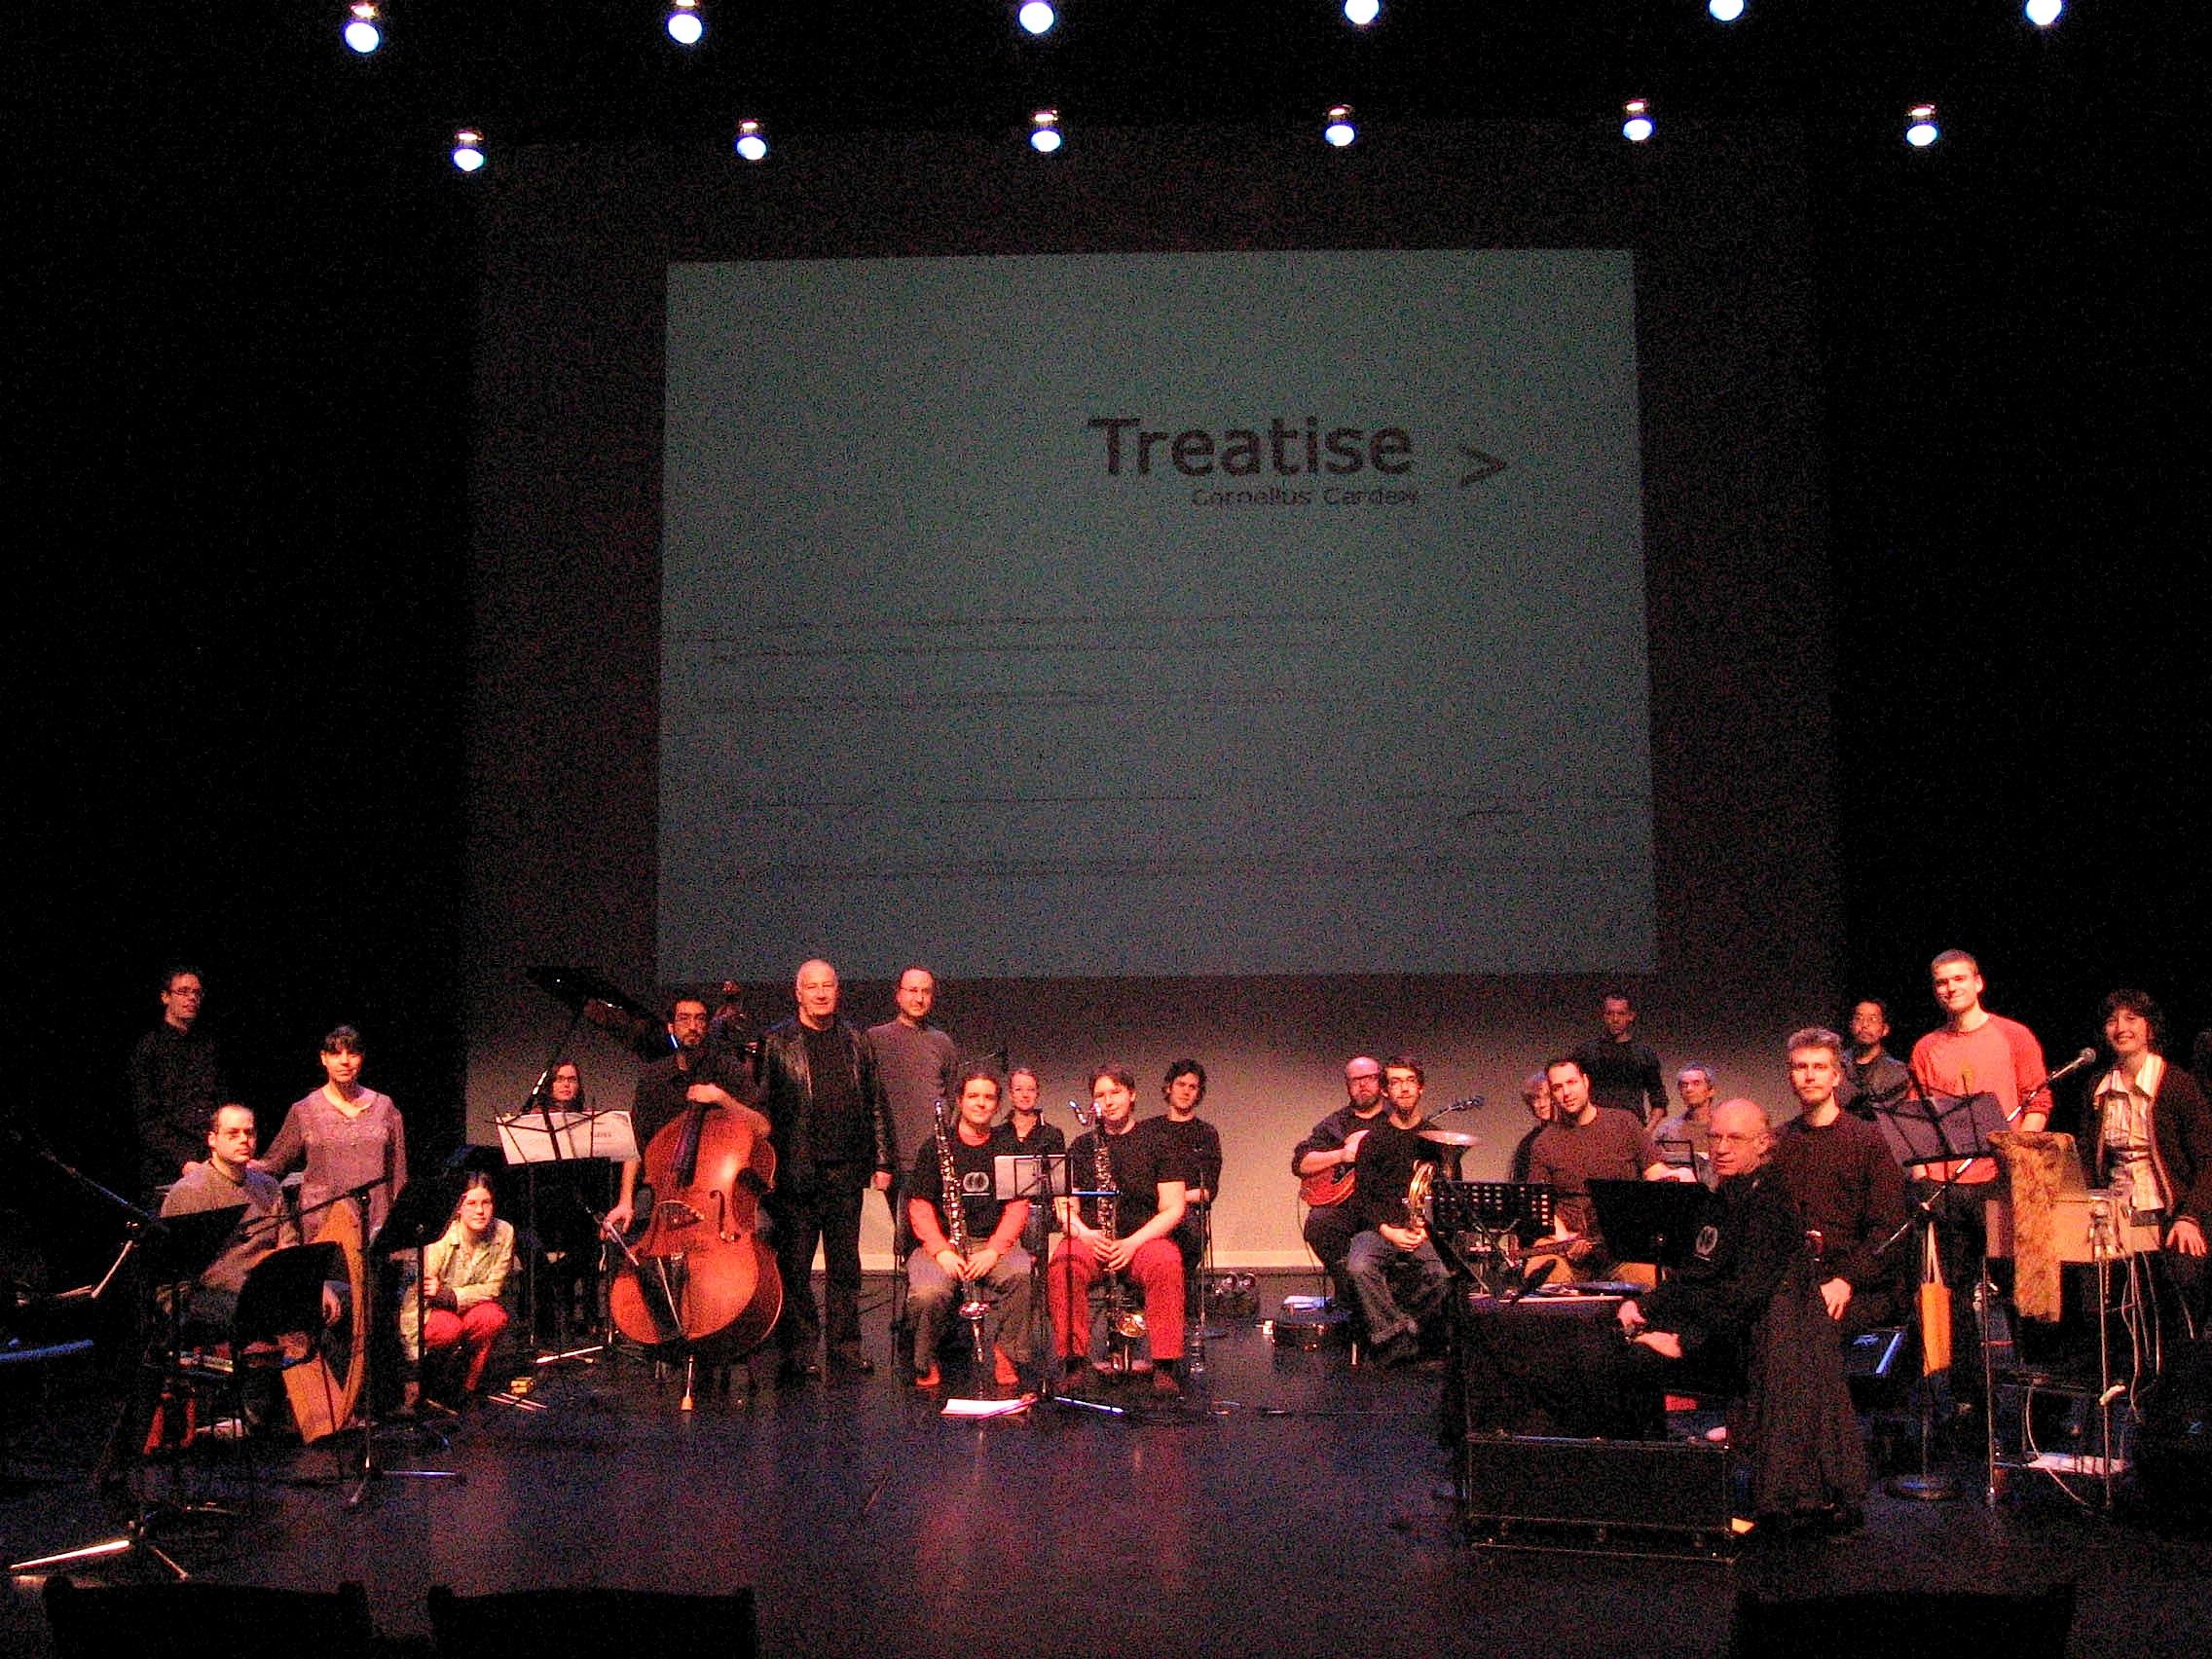 treatise2